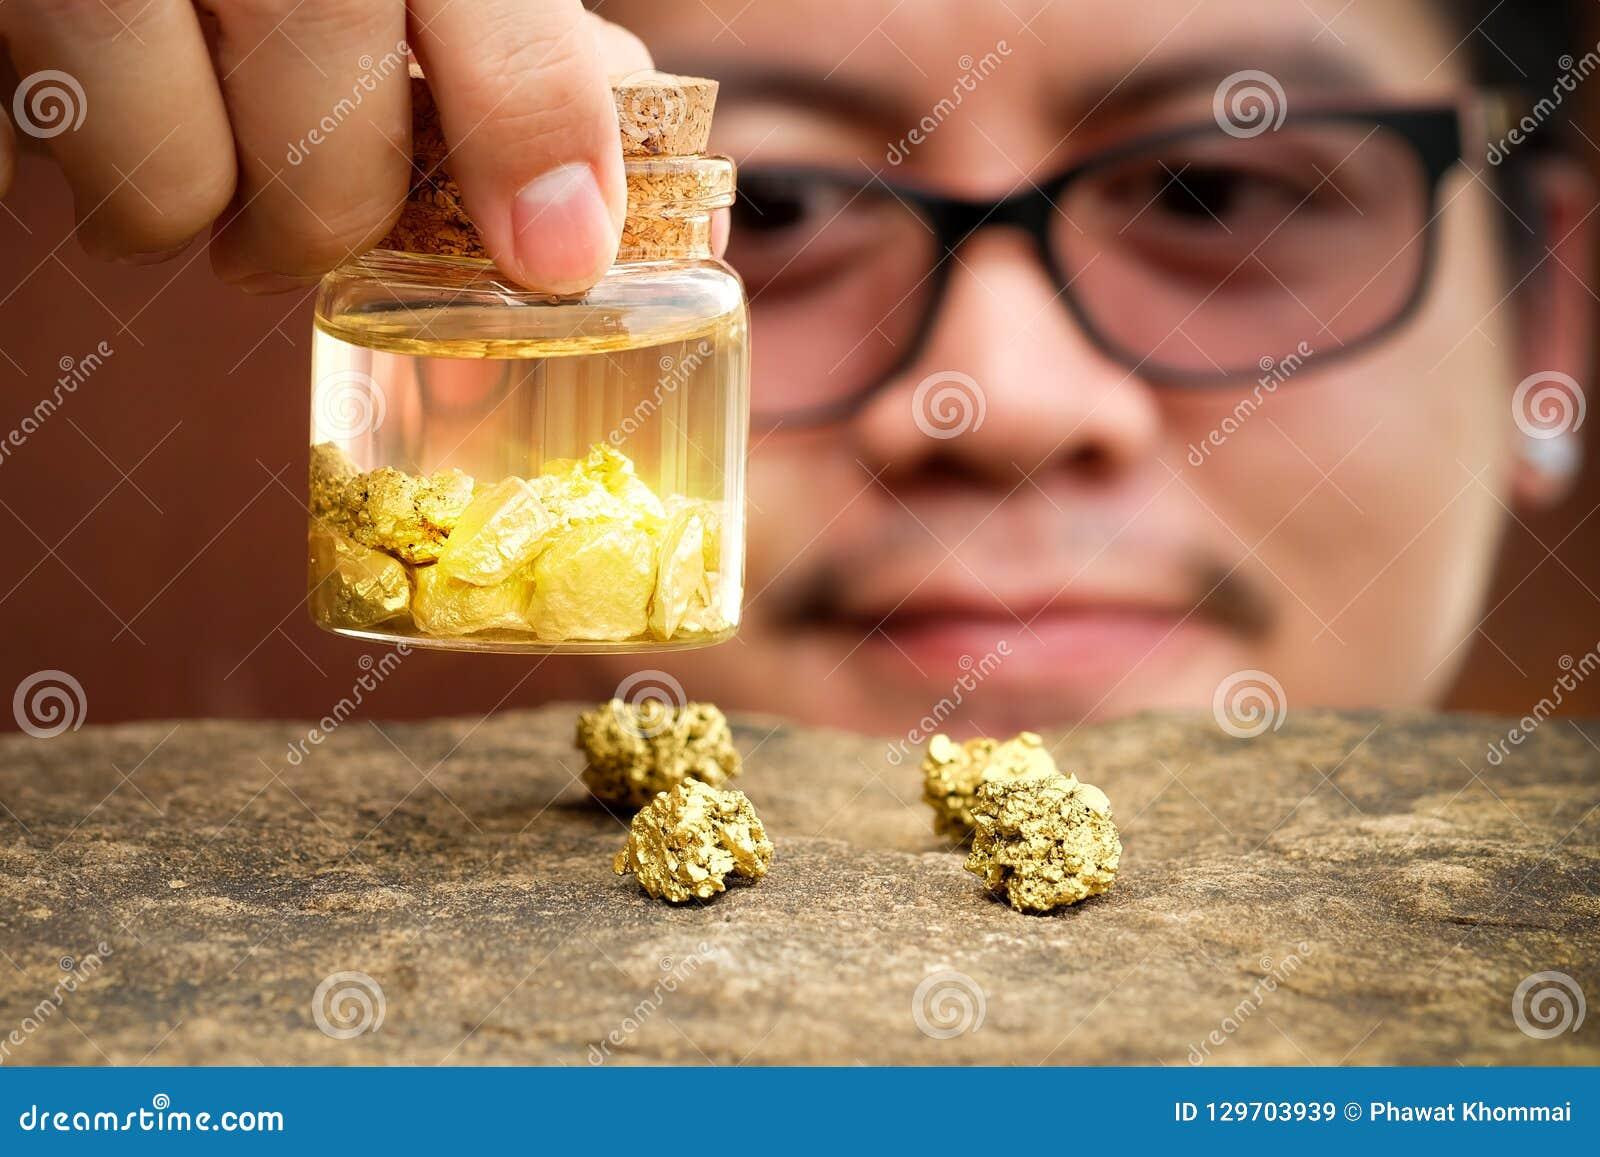 Azjatyccy mężczyźni uśmiechnięci i patrzeją złoto w butelce